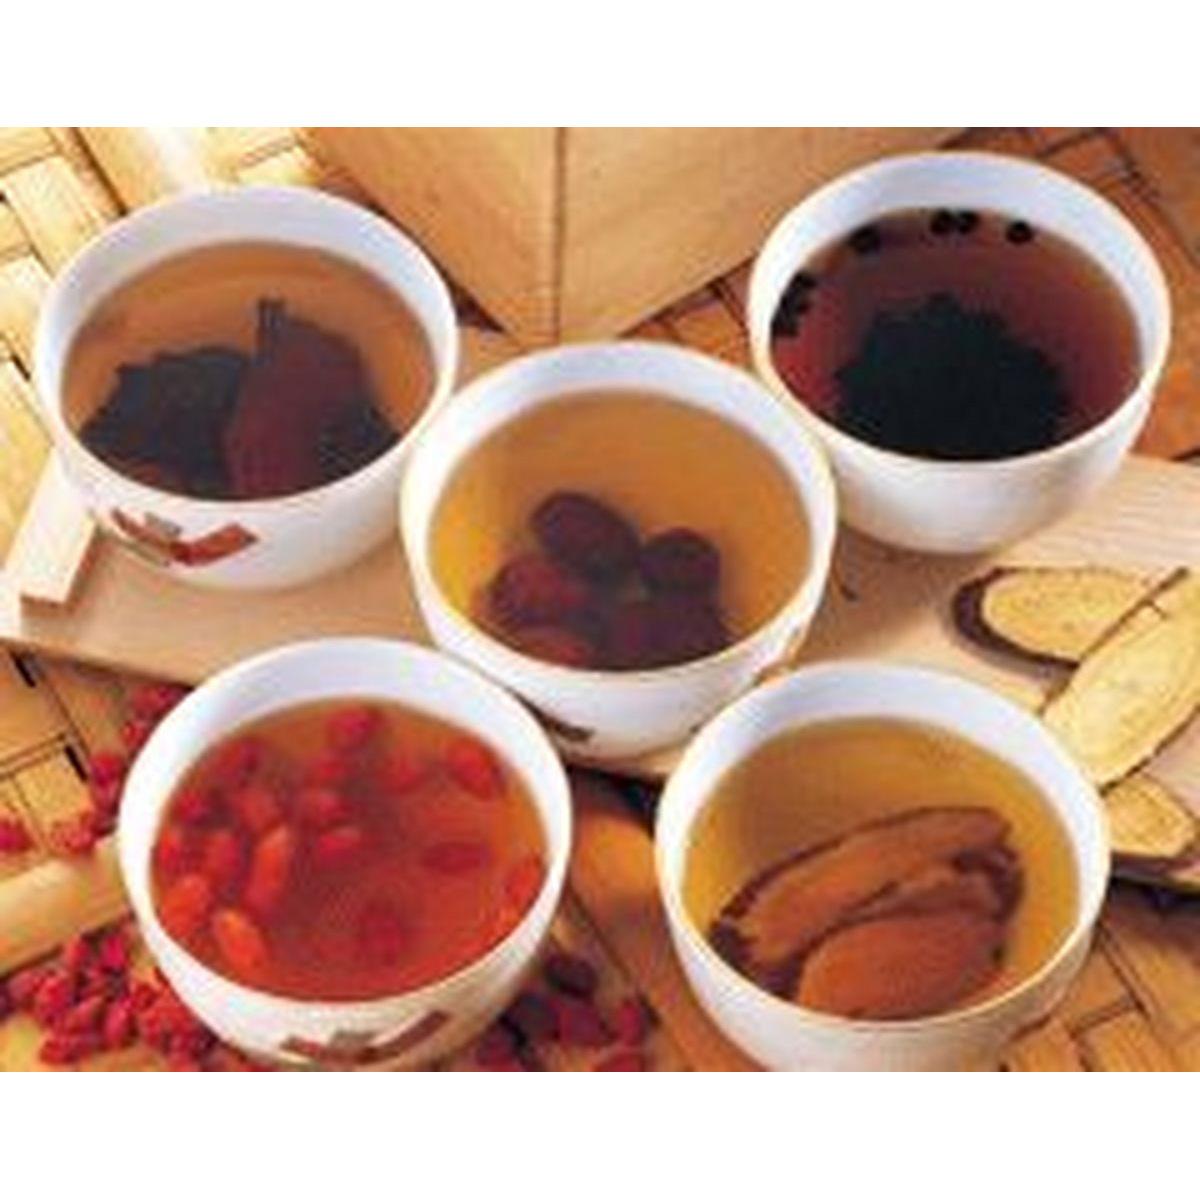 食譜:枸杞茶汁